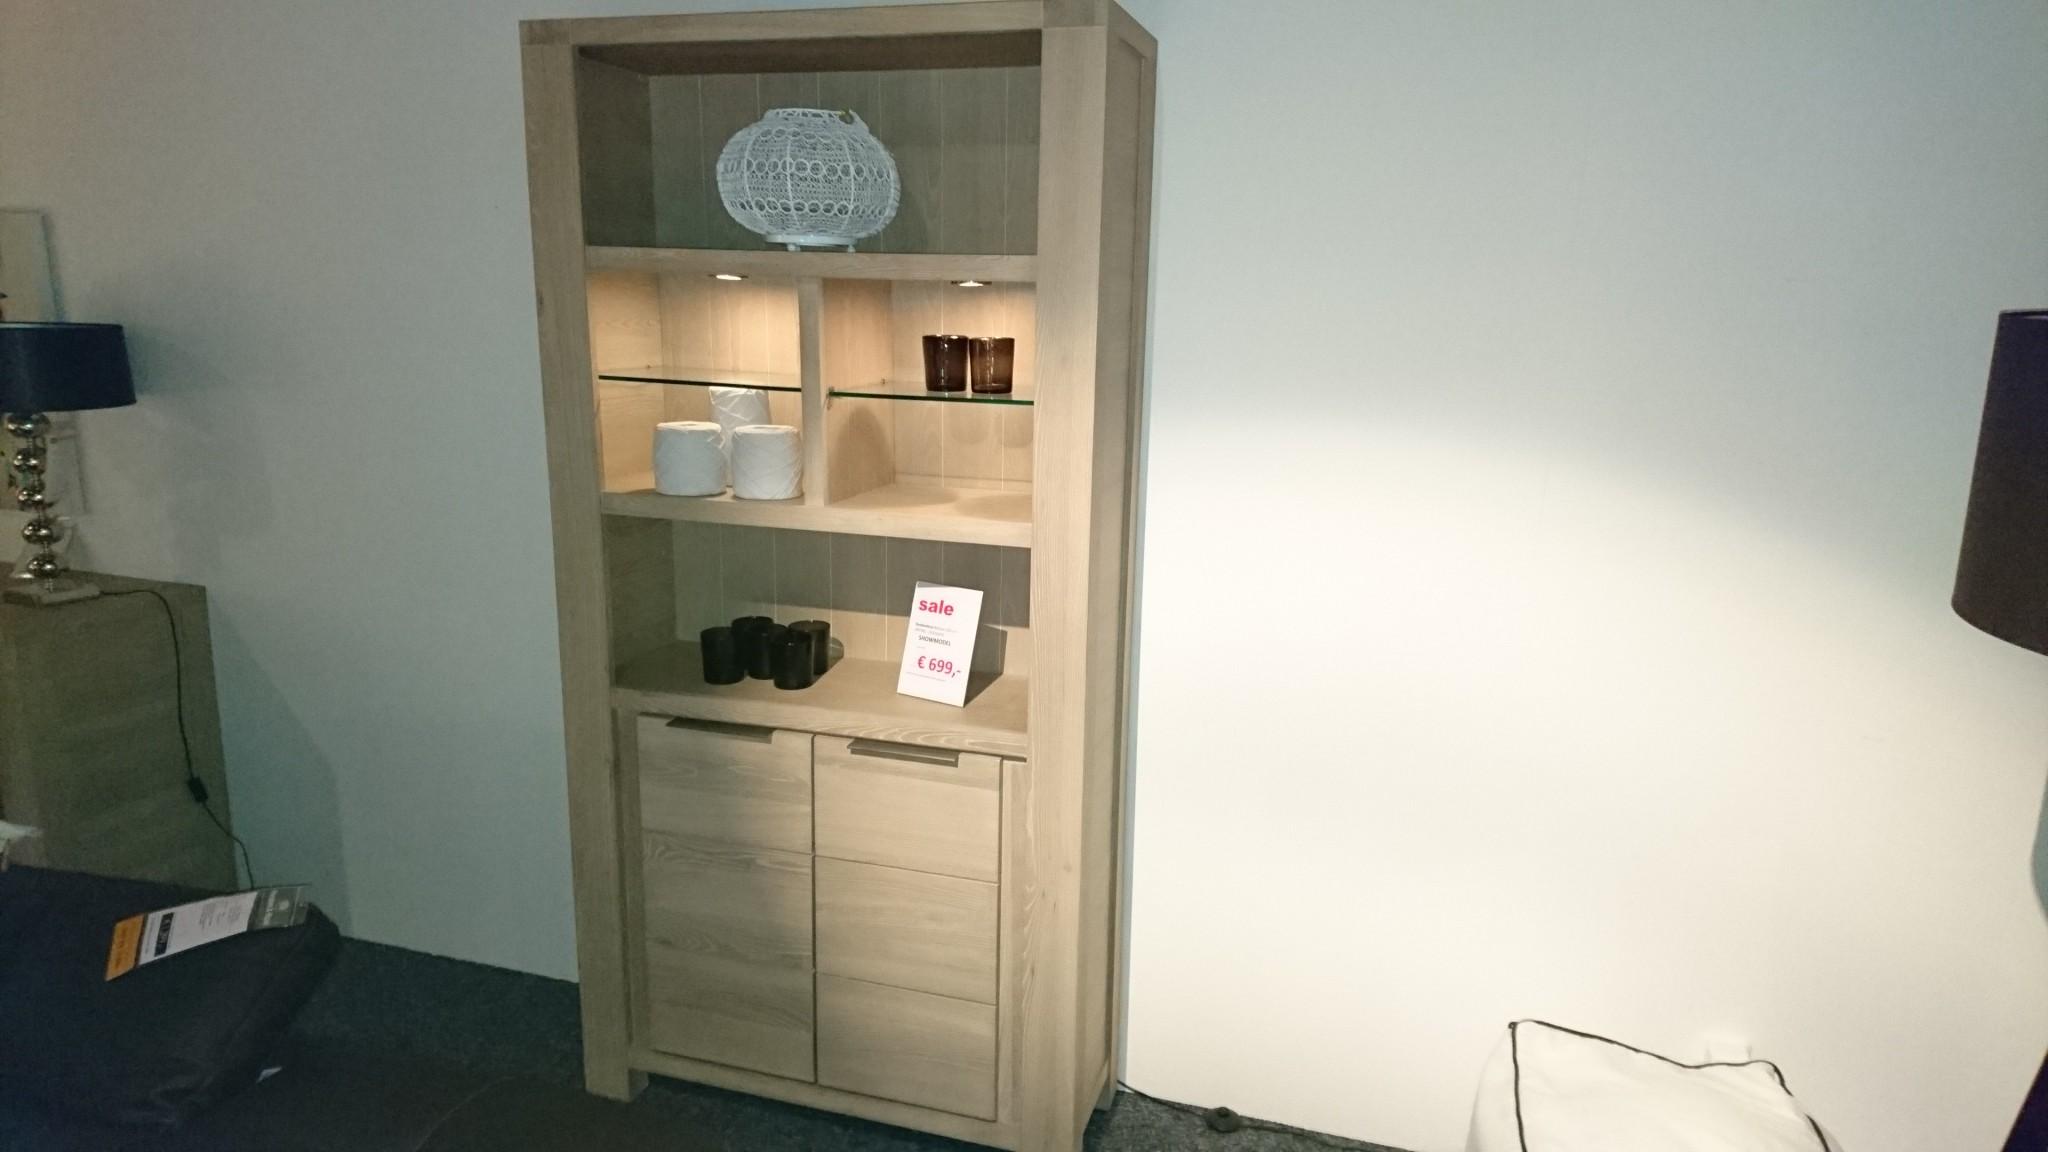 Molise boekenkast 100cm - Henders & Hazel meubelen - Bijzonder in ...